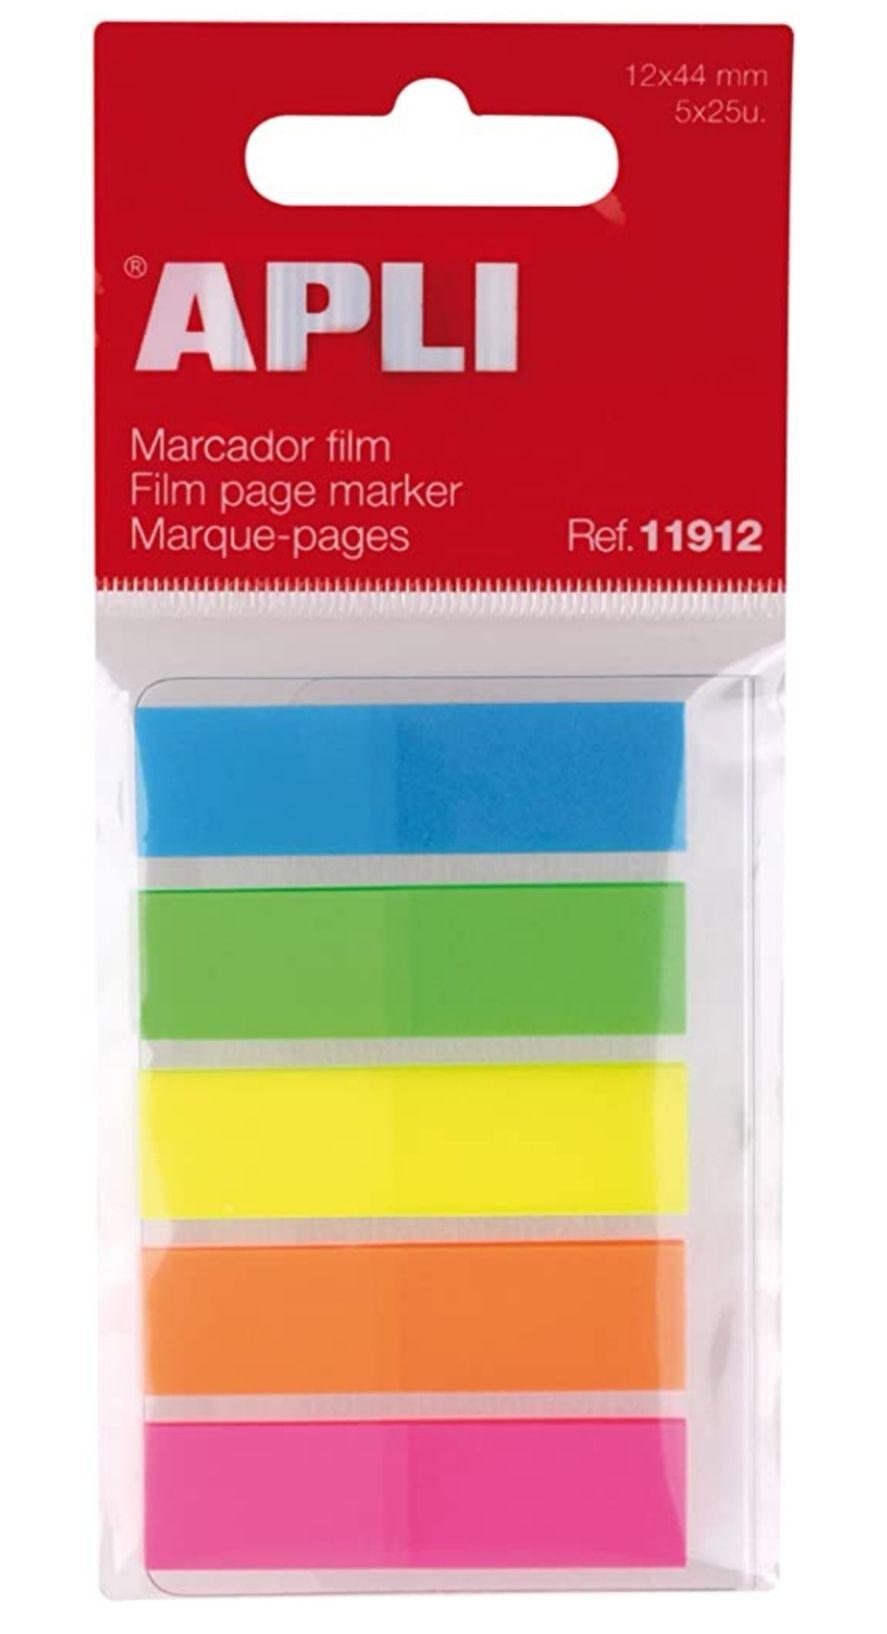 APLI - Índices adhesivos (12 x 45), film colores flúor